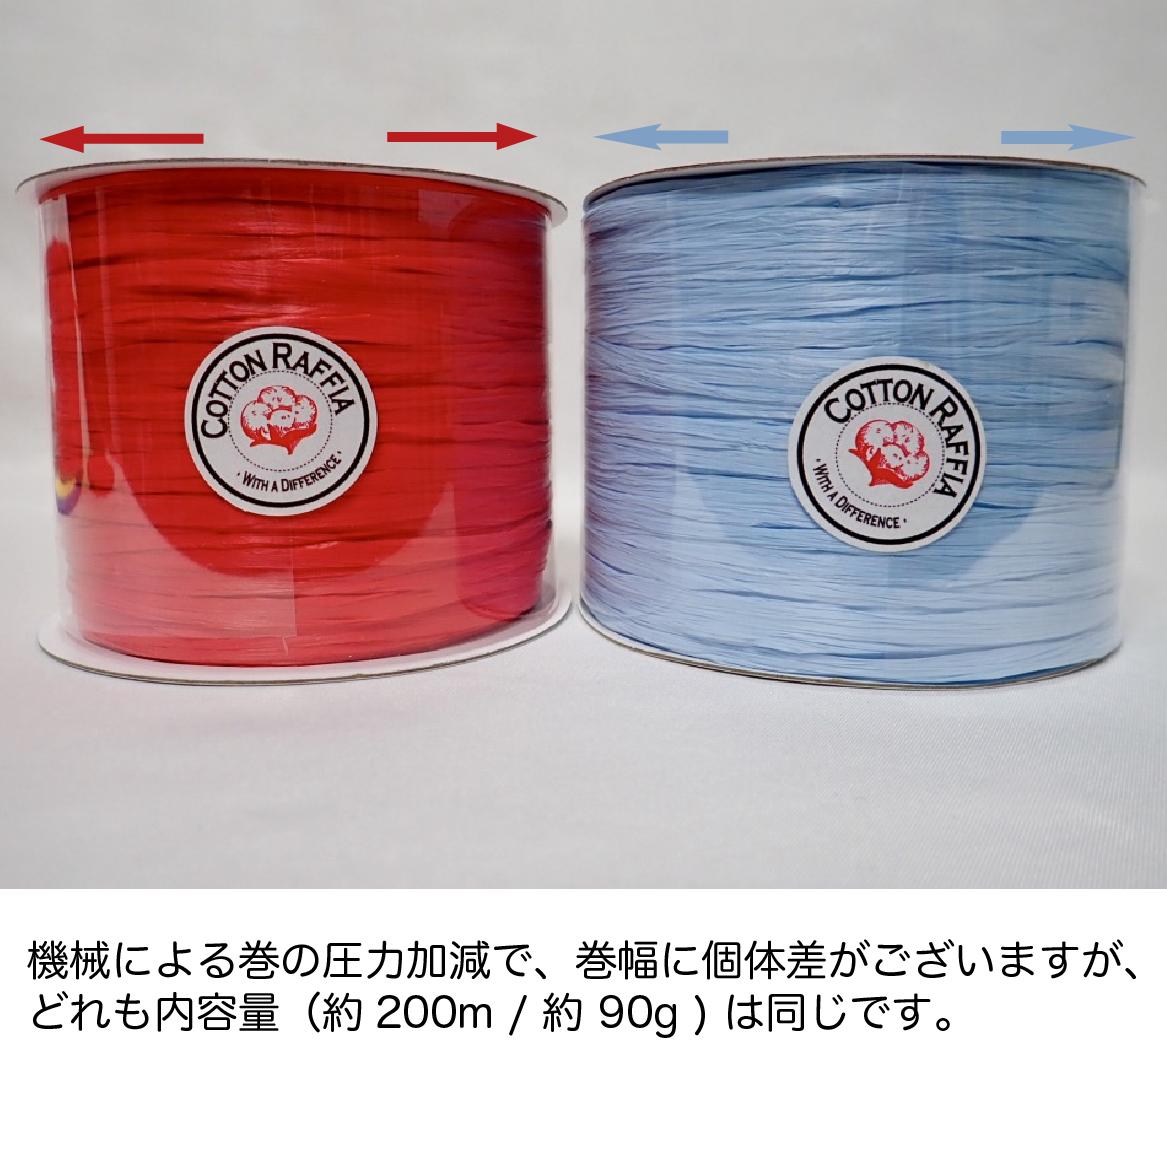 〈キット〉「meetangのまるころファーバッグ」キット カラー:グレージュ Designed by meetang